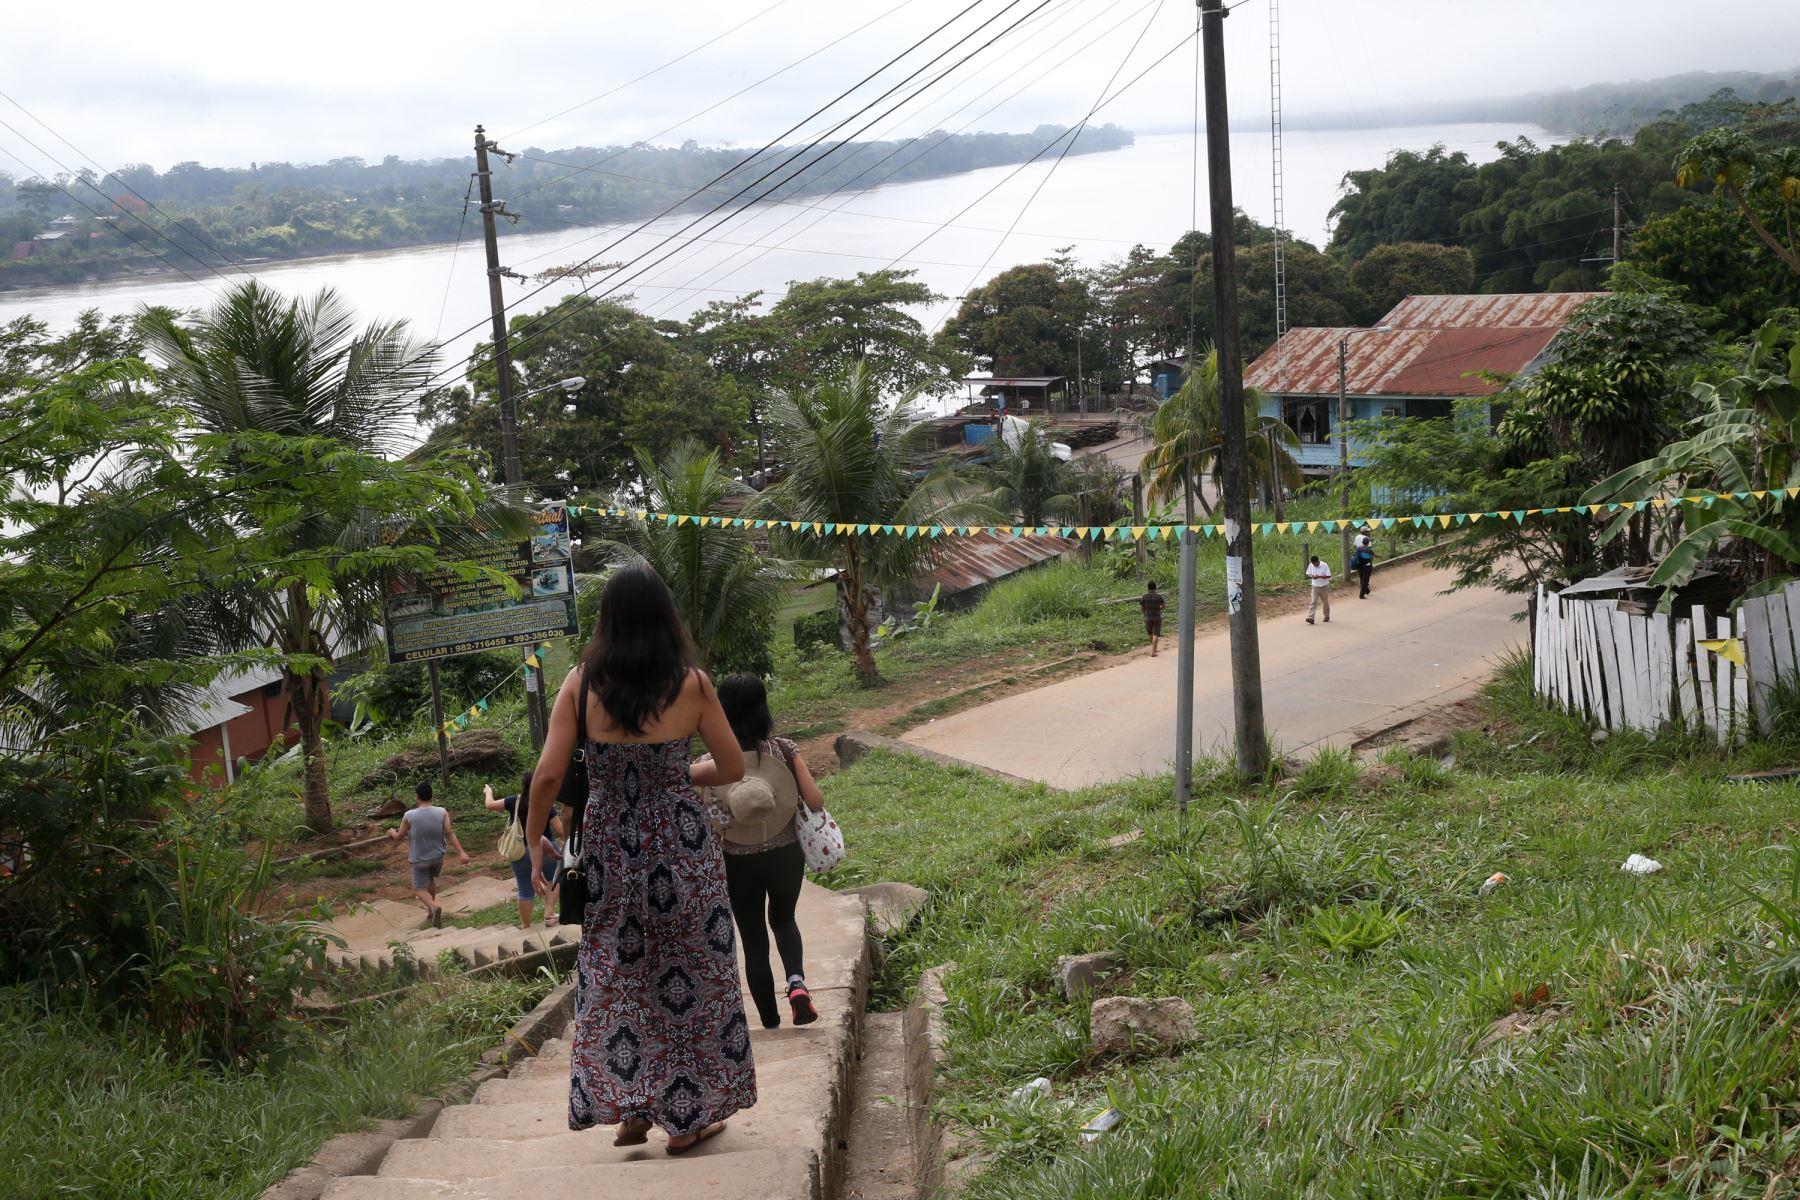 Conozca la labor de los programas sociales en Madre en Dios.Foto:  ANDINA/Norman Córdova